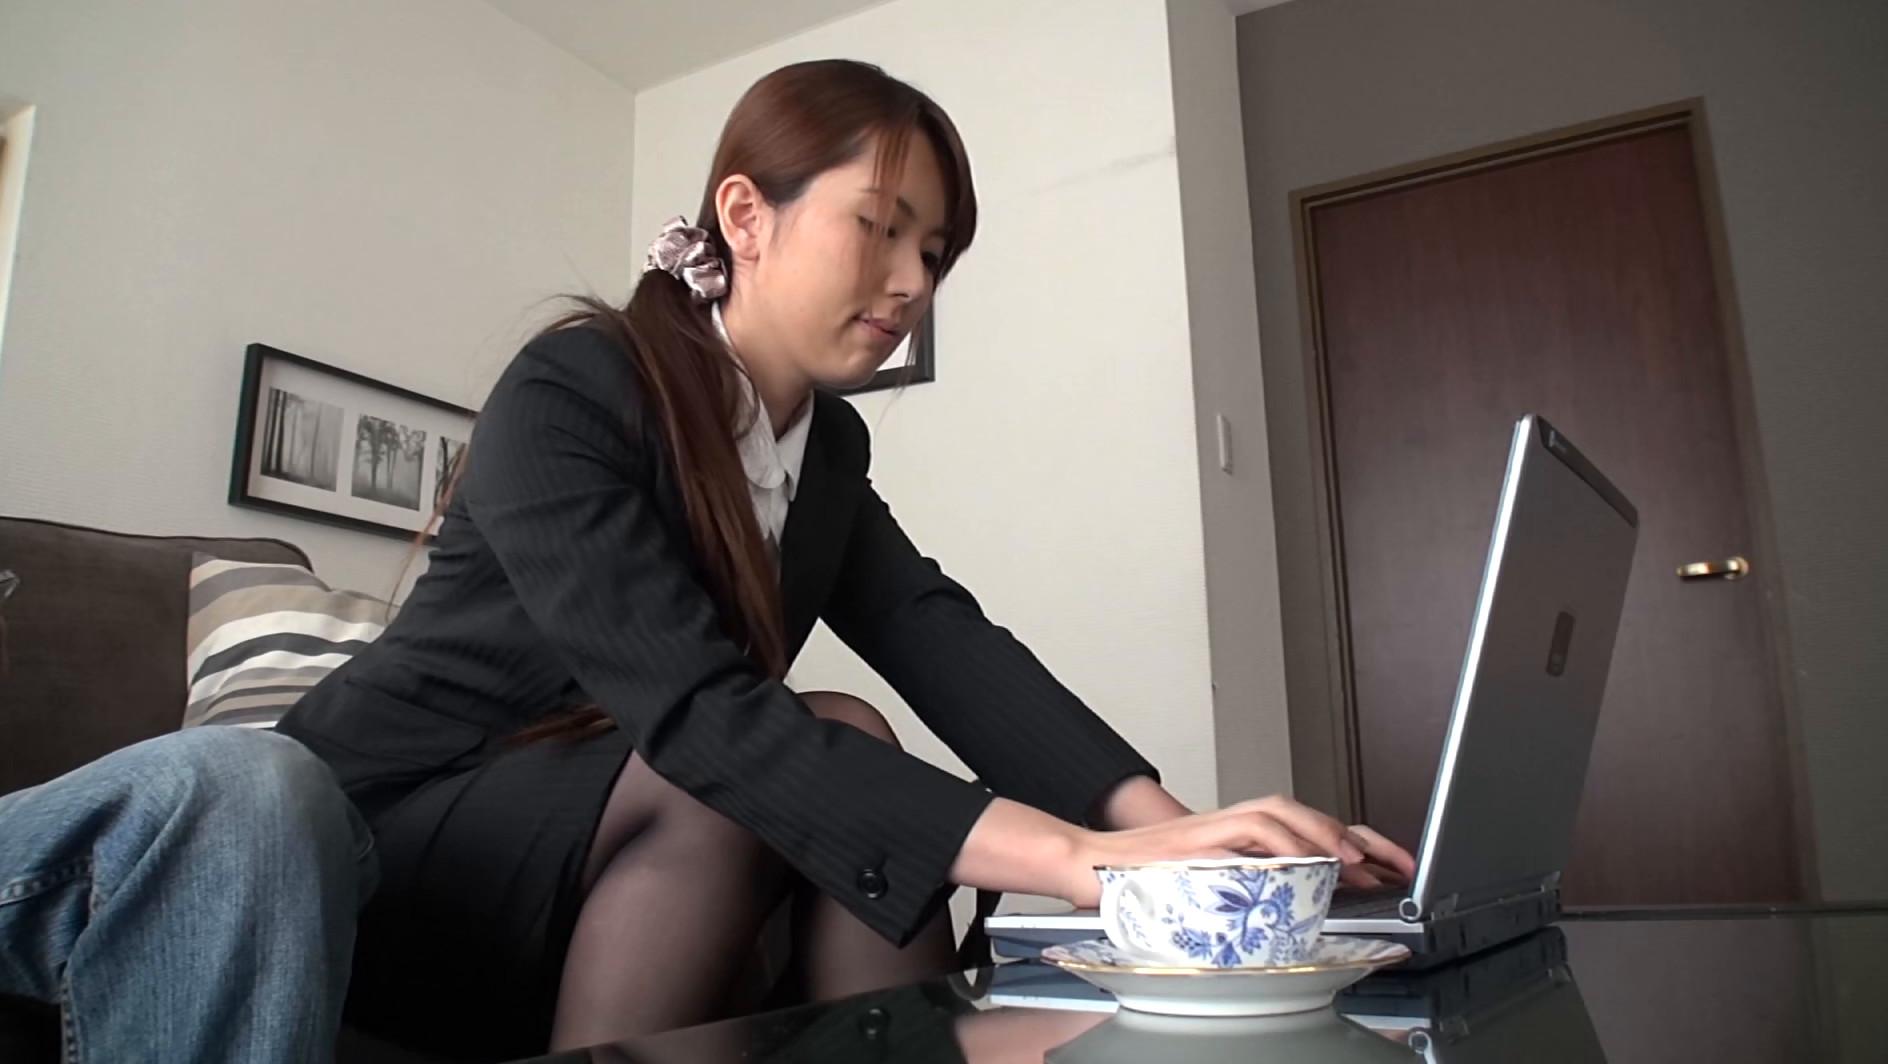 ガマンを知らない欲ボケ秘書が昼間っから仕掛けてくるセッカチな汗だくSEX 波多野結衣,のサンプル画像1